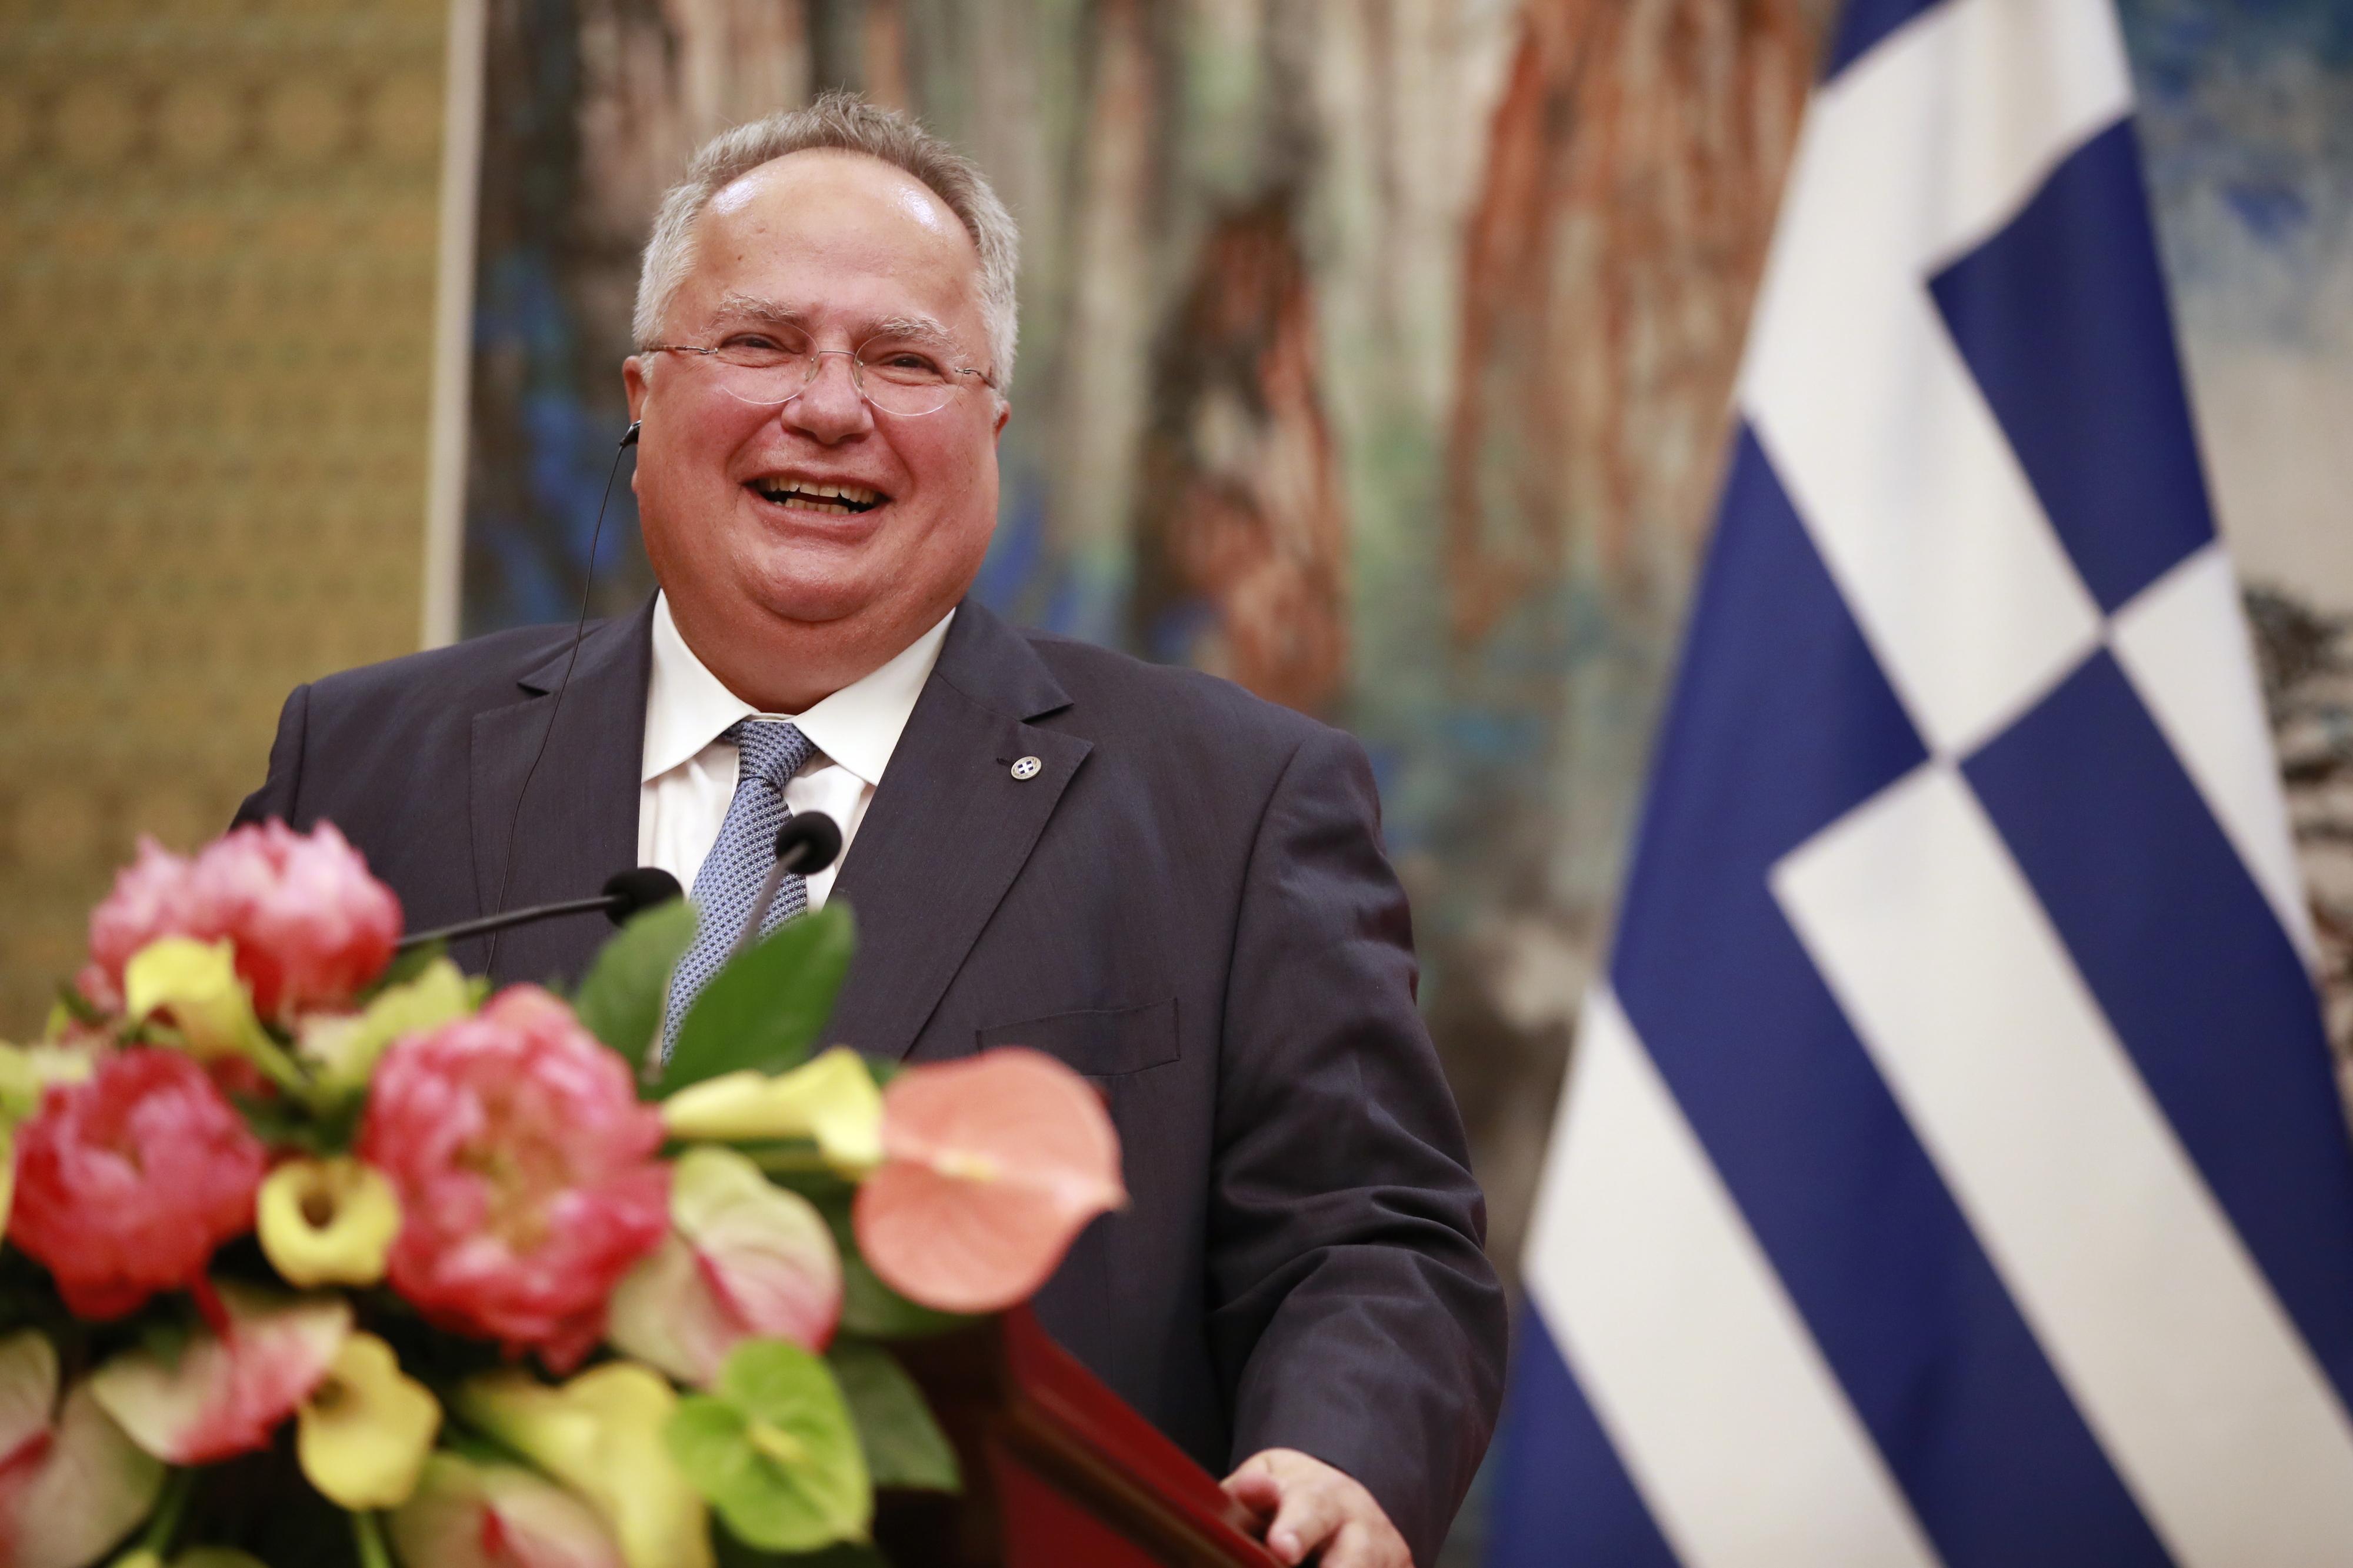 Ministro dos Negócios Estrangeiros grego demite-se depois de desentendimento sobre acordo com Macedónia